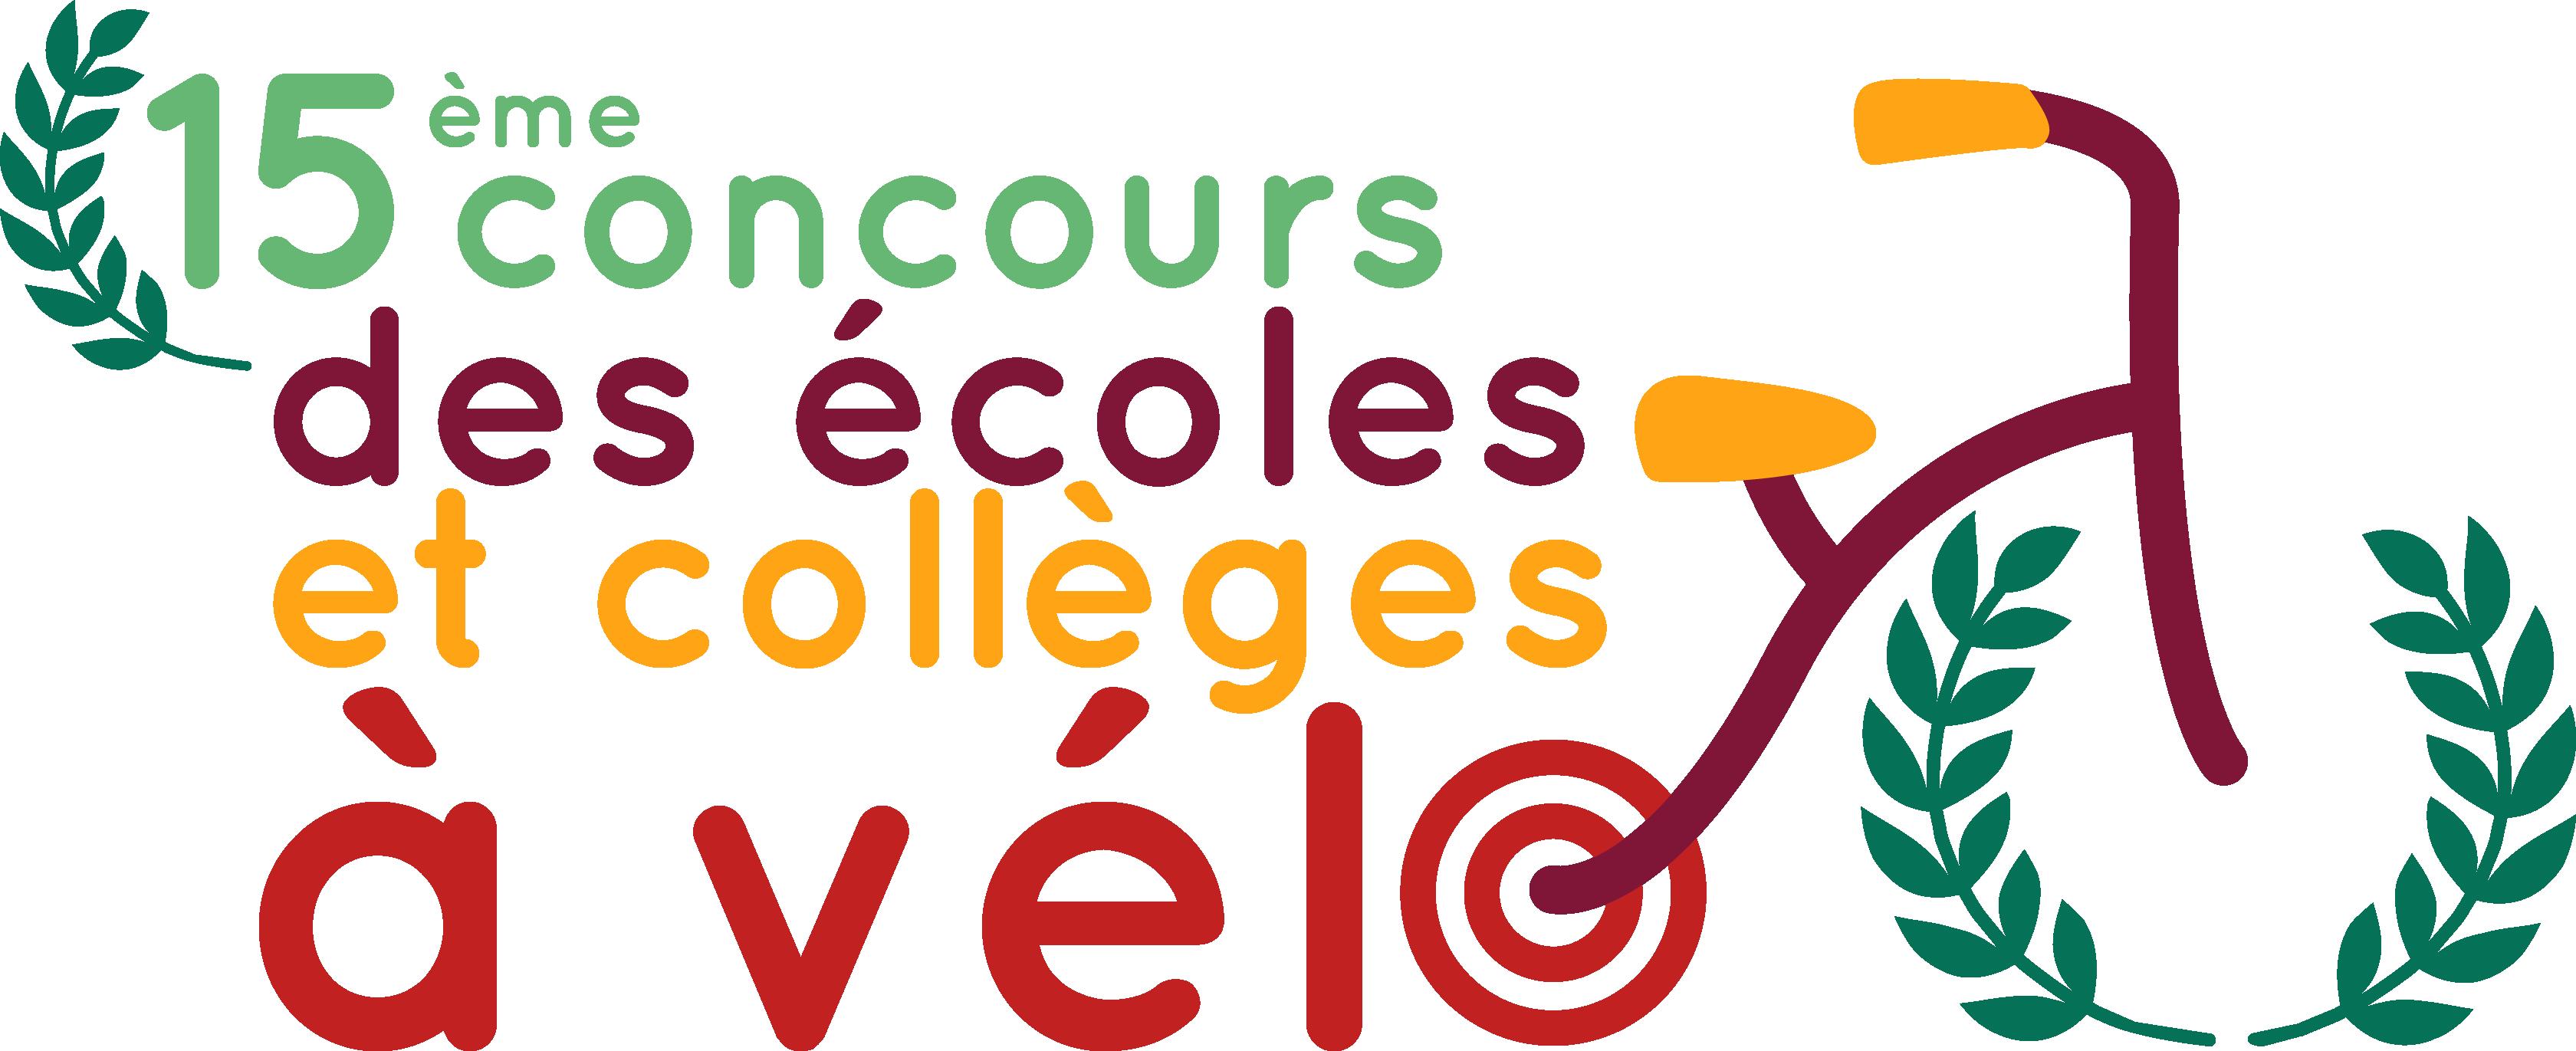 15eConcours-Ecoles-et-Colleges-a-velo-17mai2018